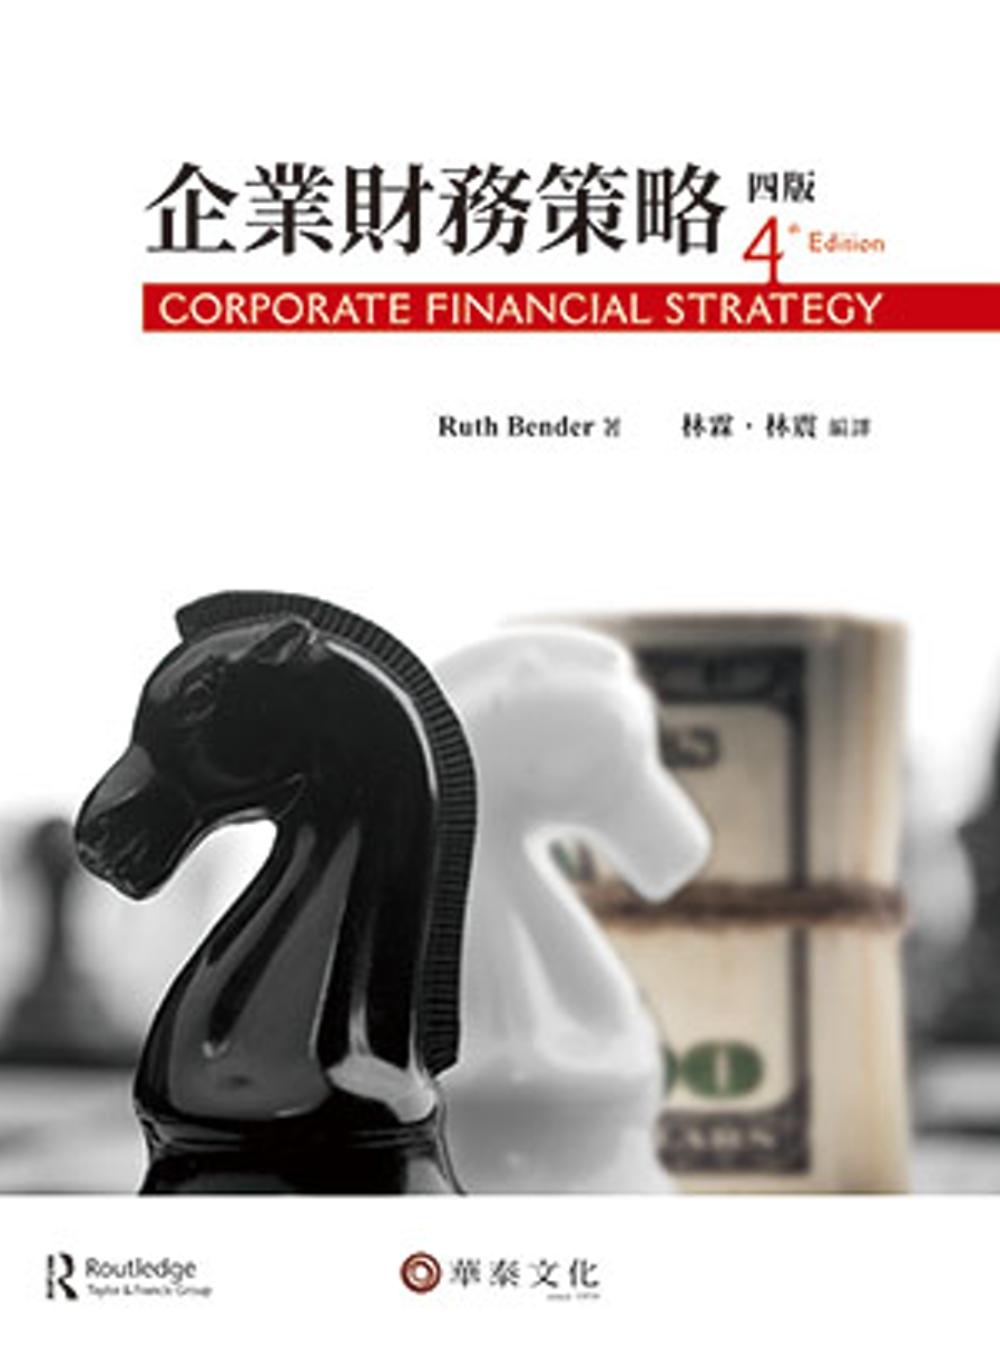 企業財務策略(4版)